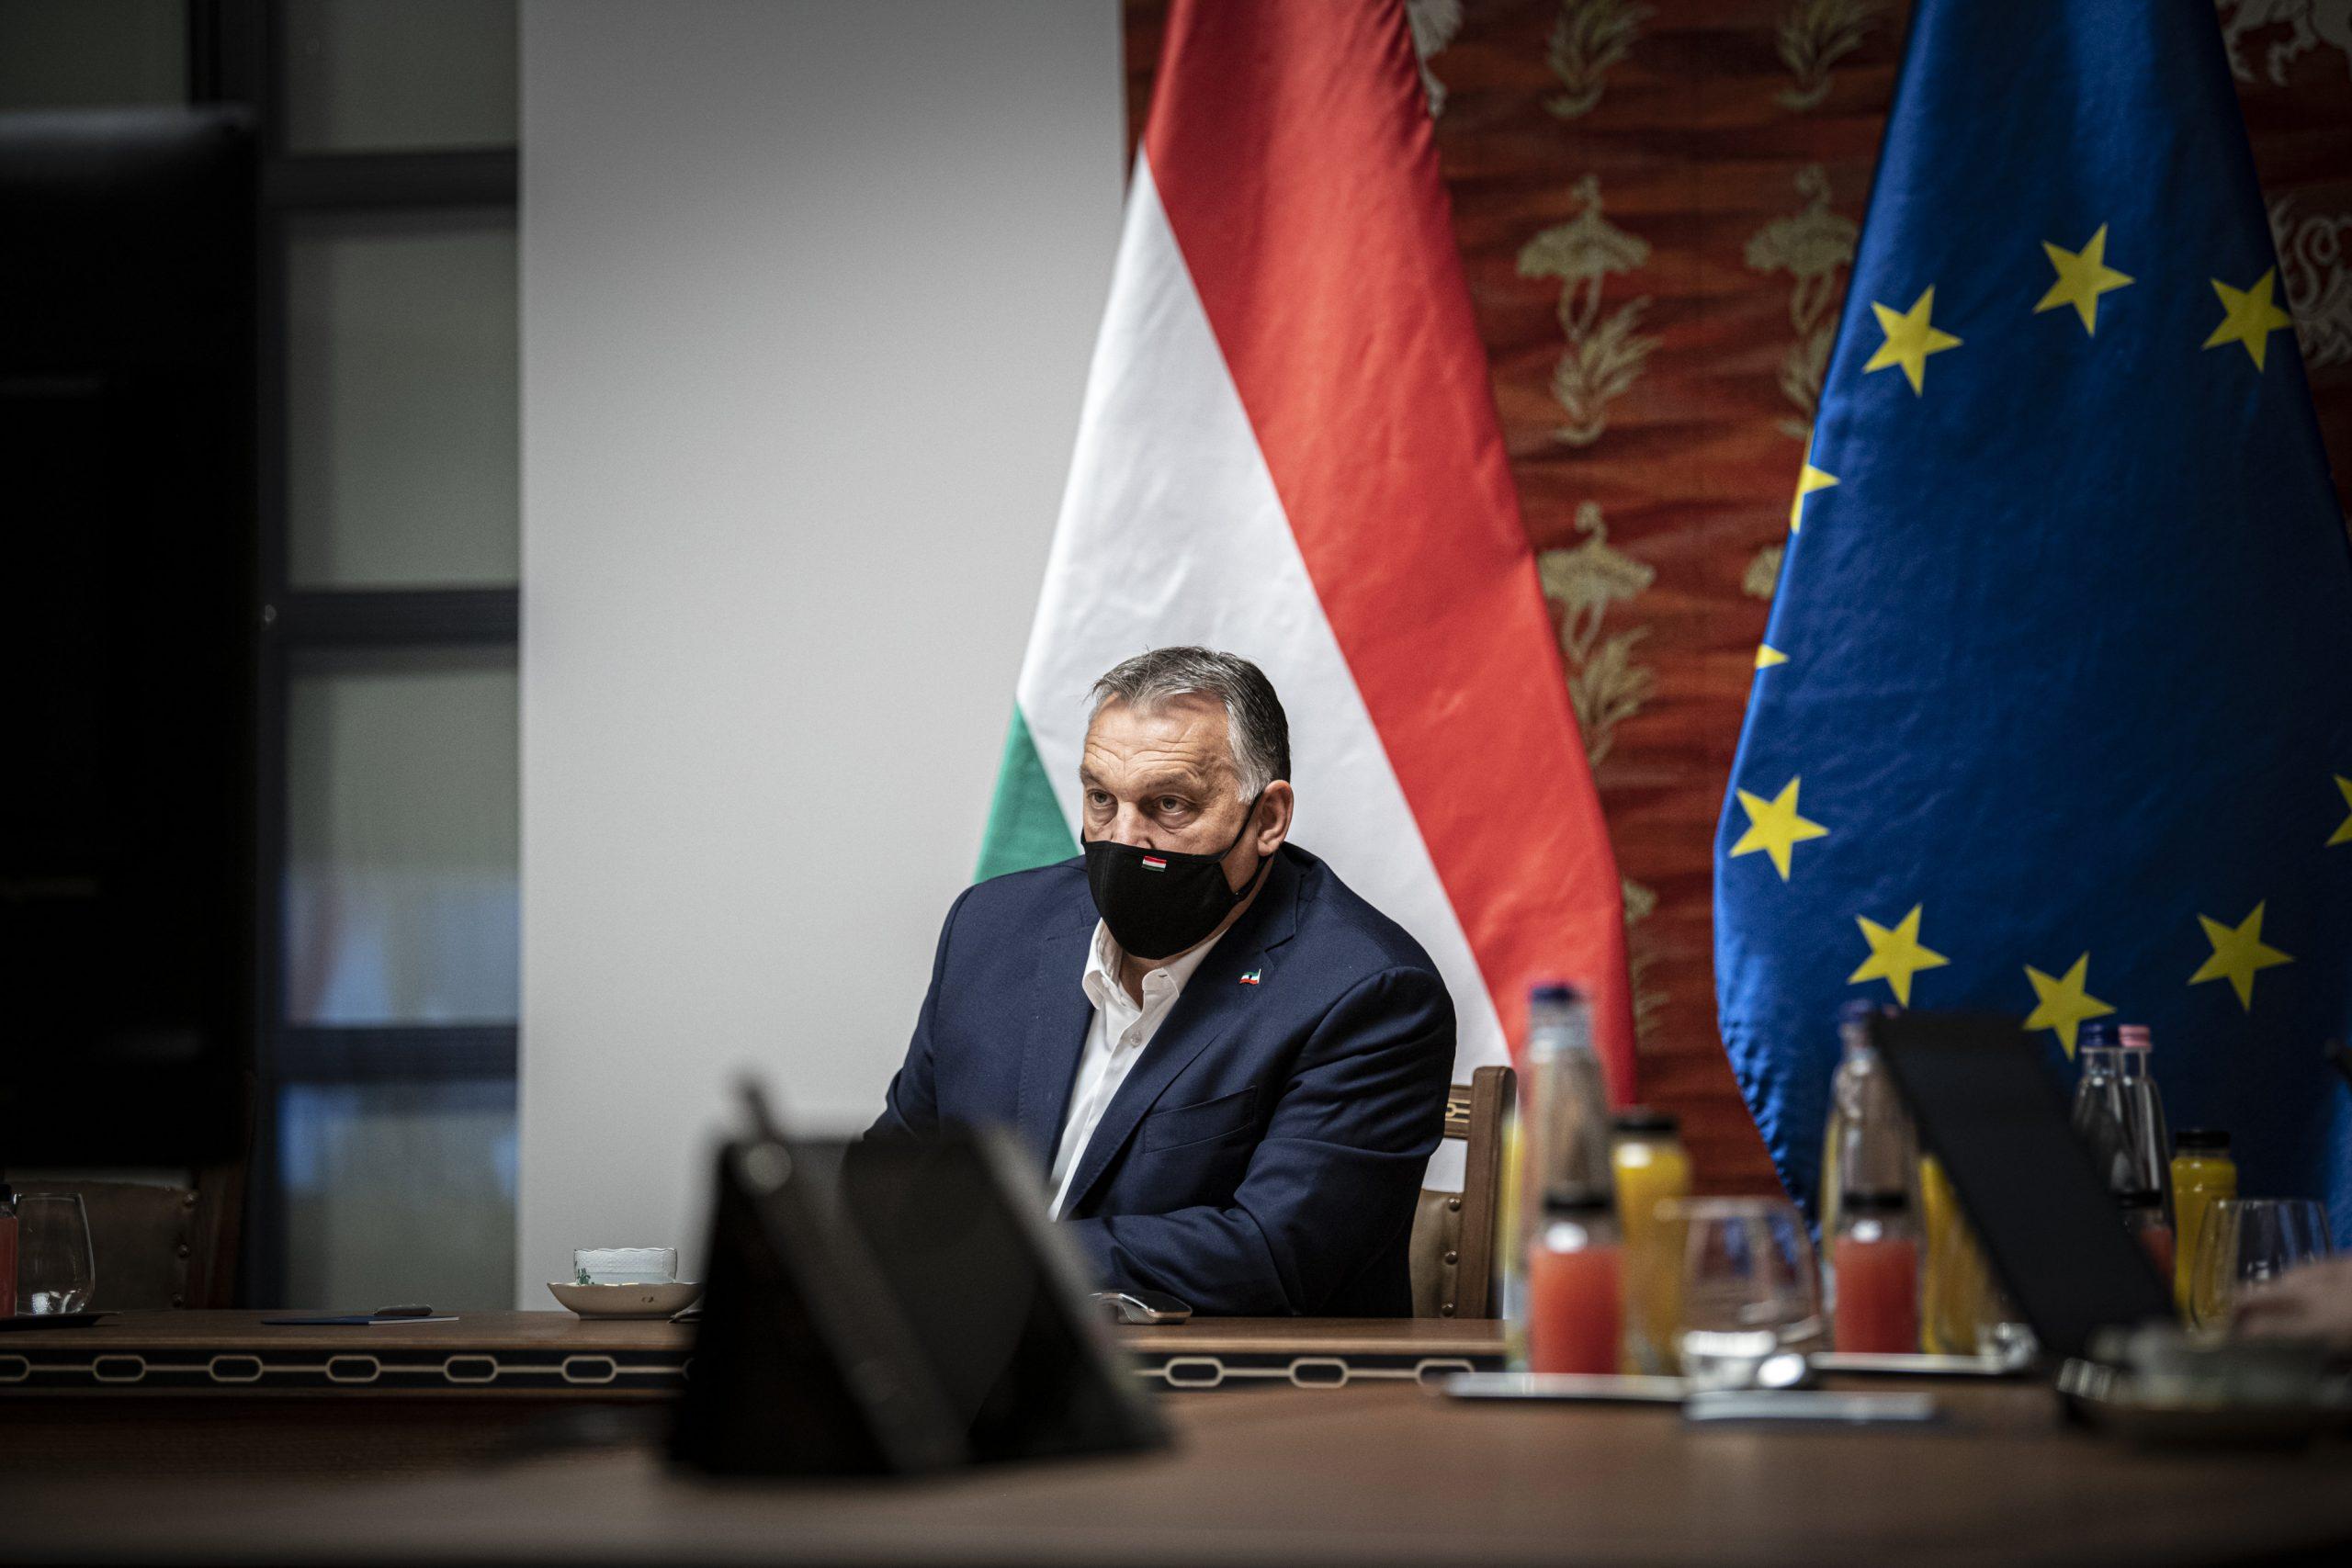 Fidesz tritt der Europäischen Konservative des Europarates bei